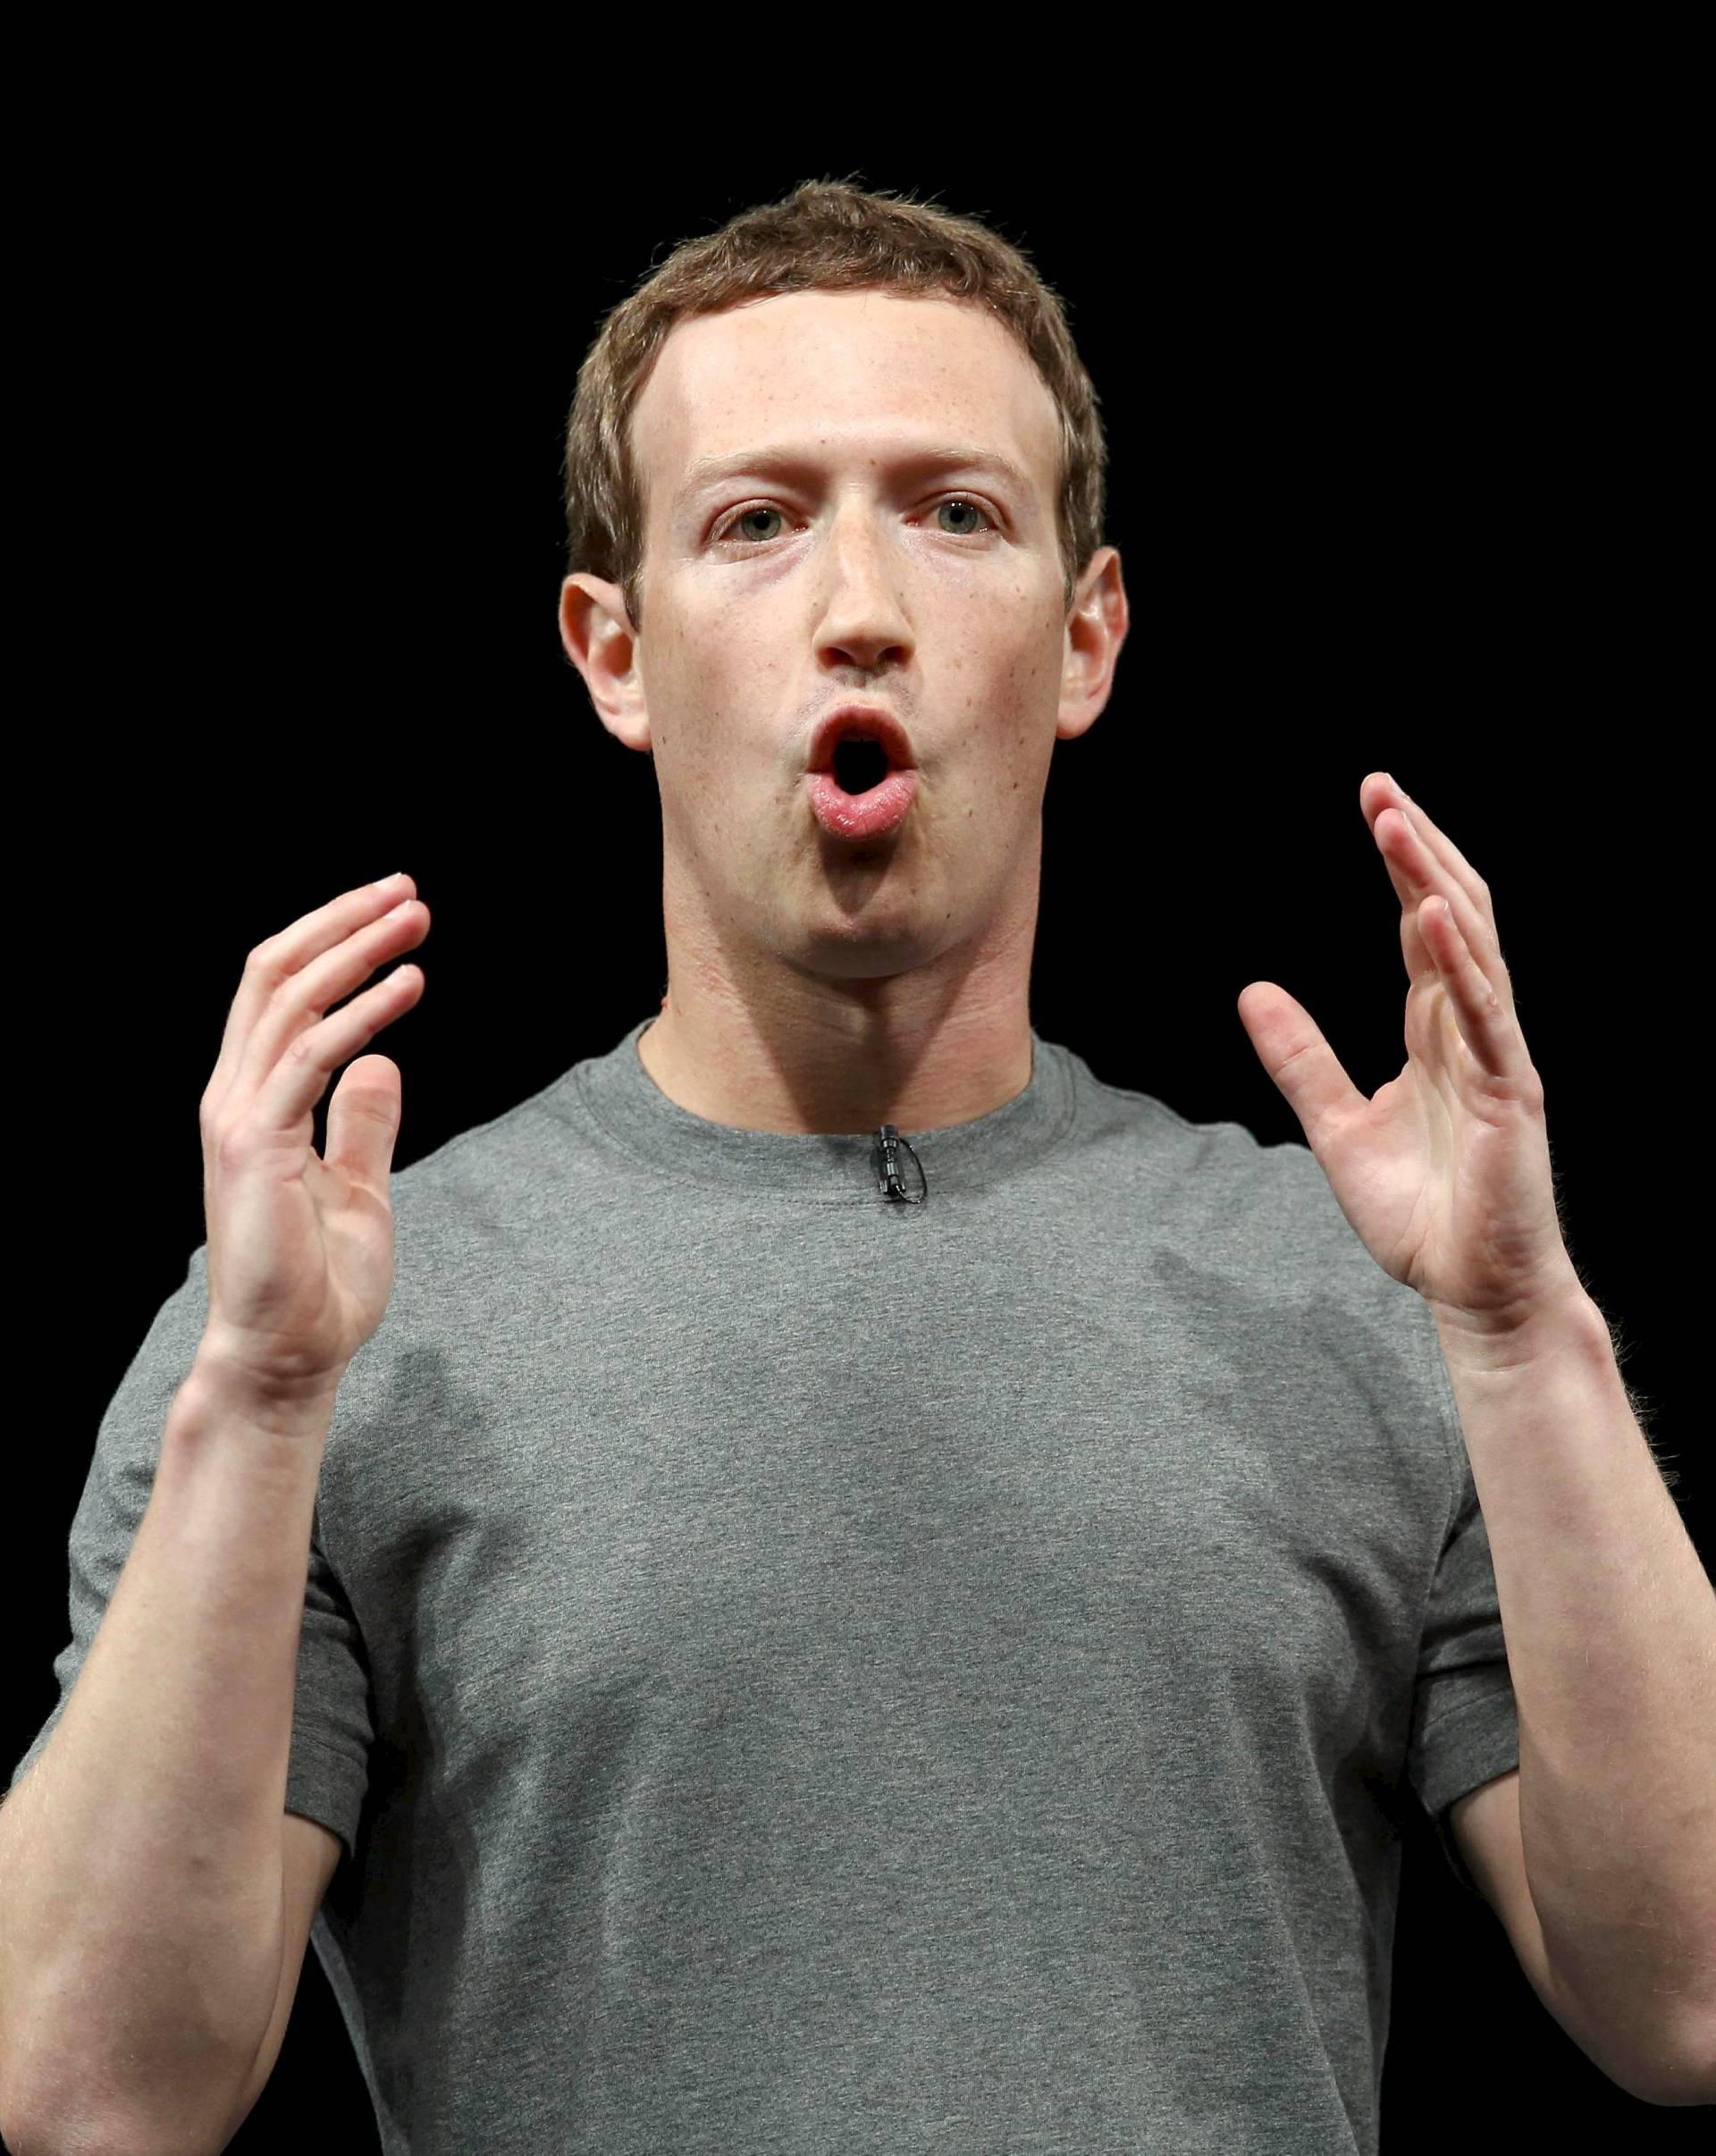 Zuckerberga priprema poseban tim: Ne žele da nešto uprska